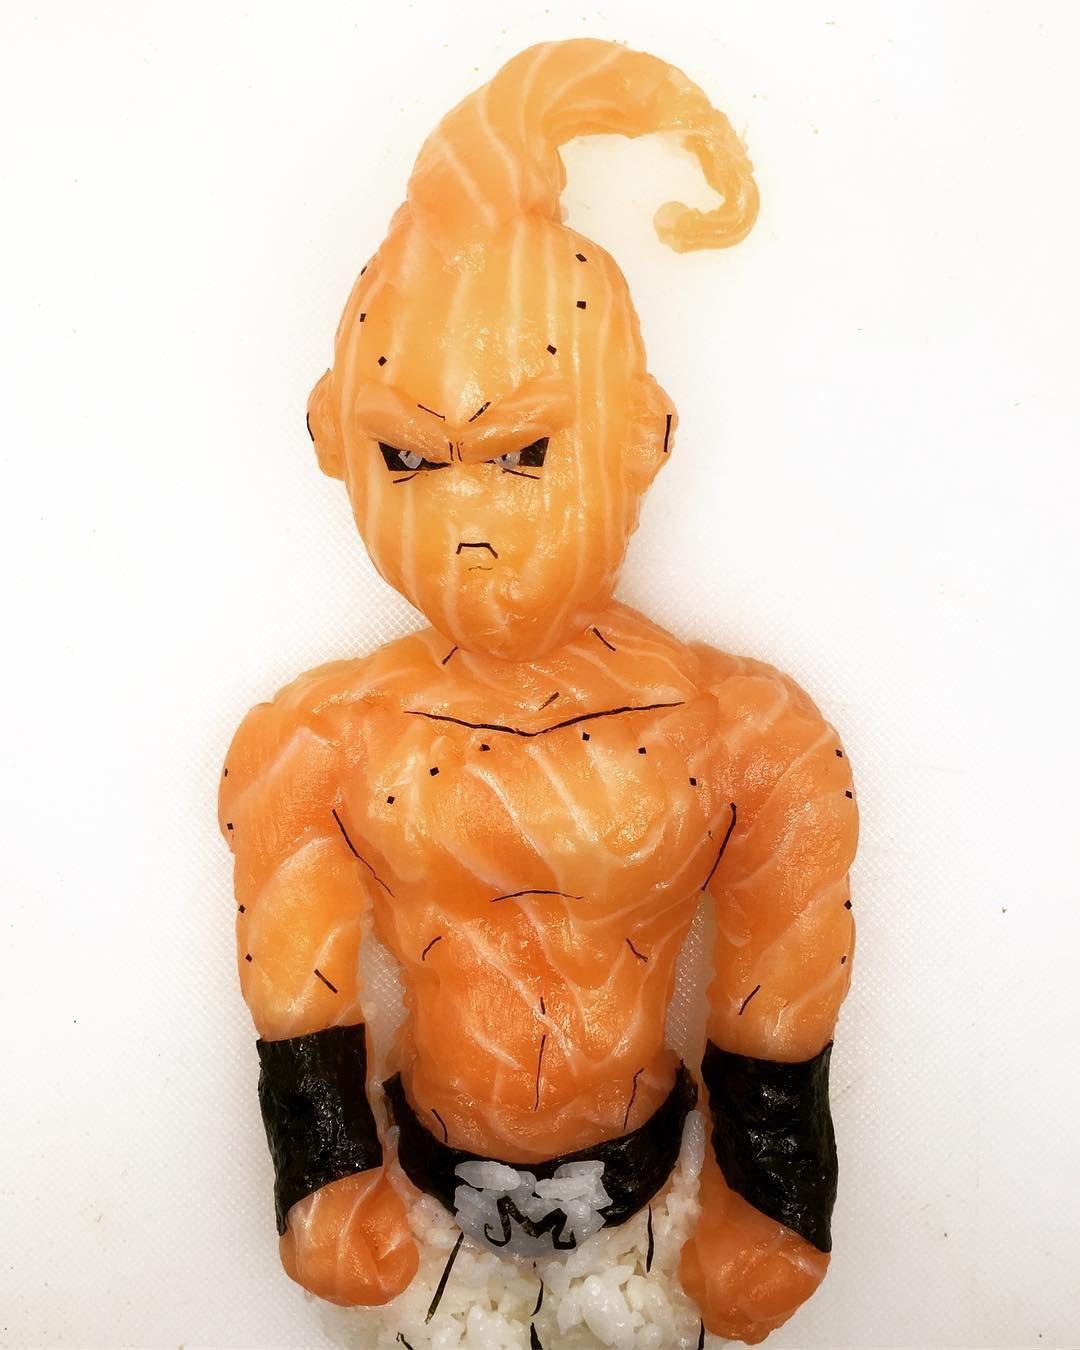 Хлопець робить круті скульптури з суші, і таку красу аж шкода їсти - фото 403391